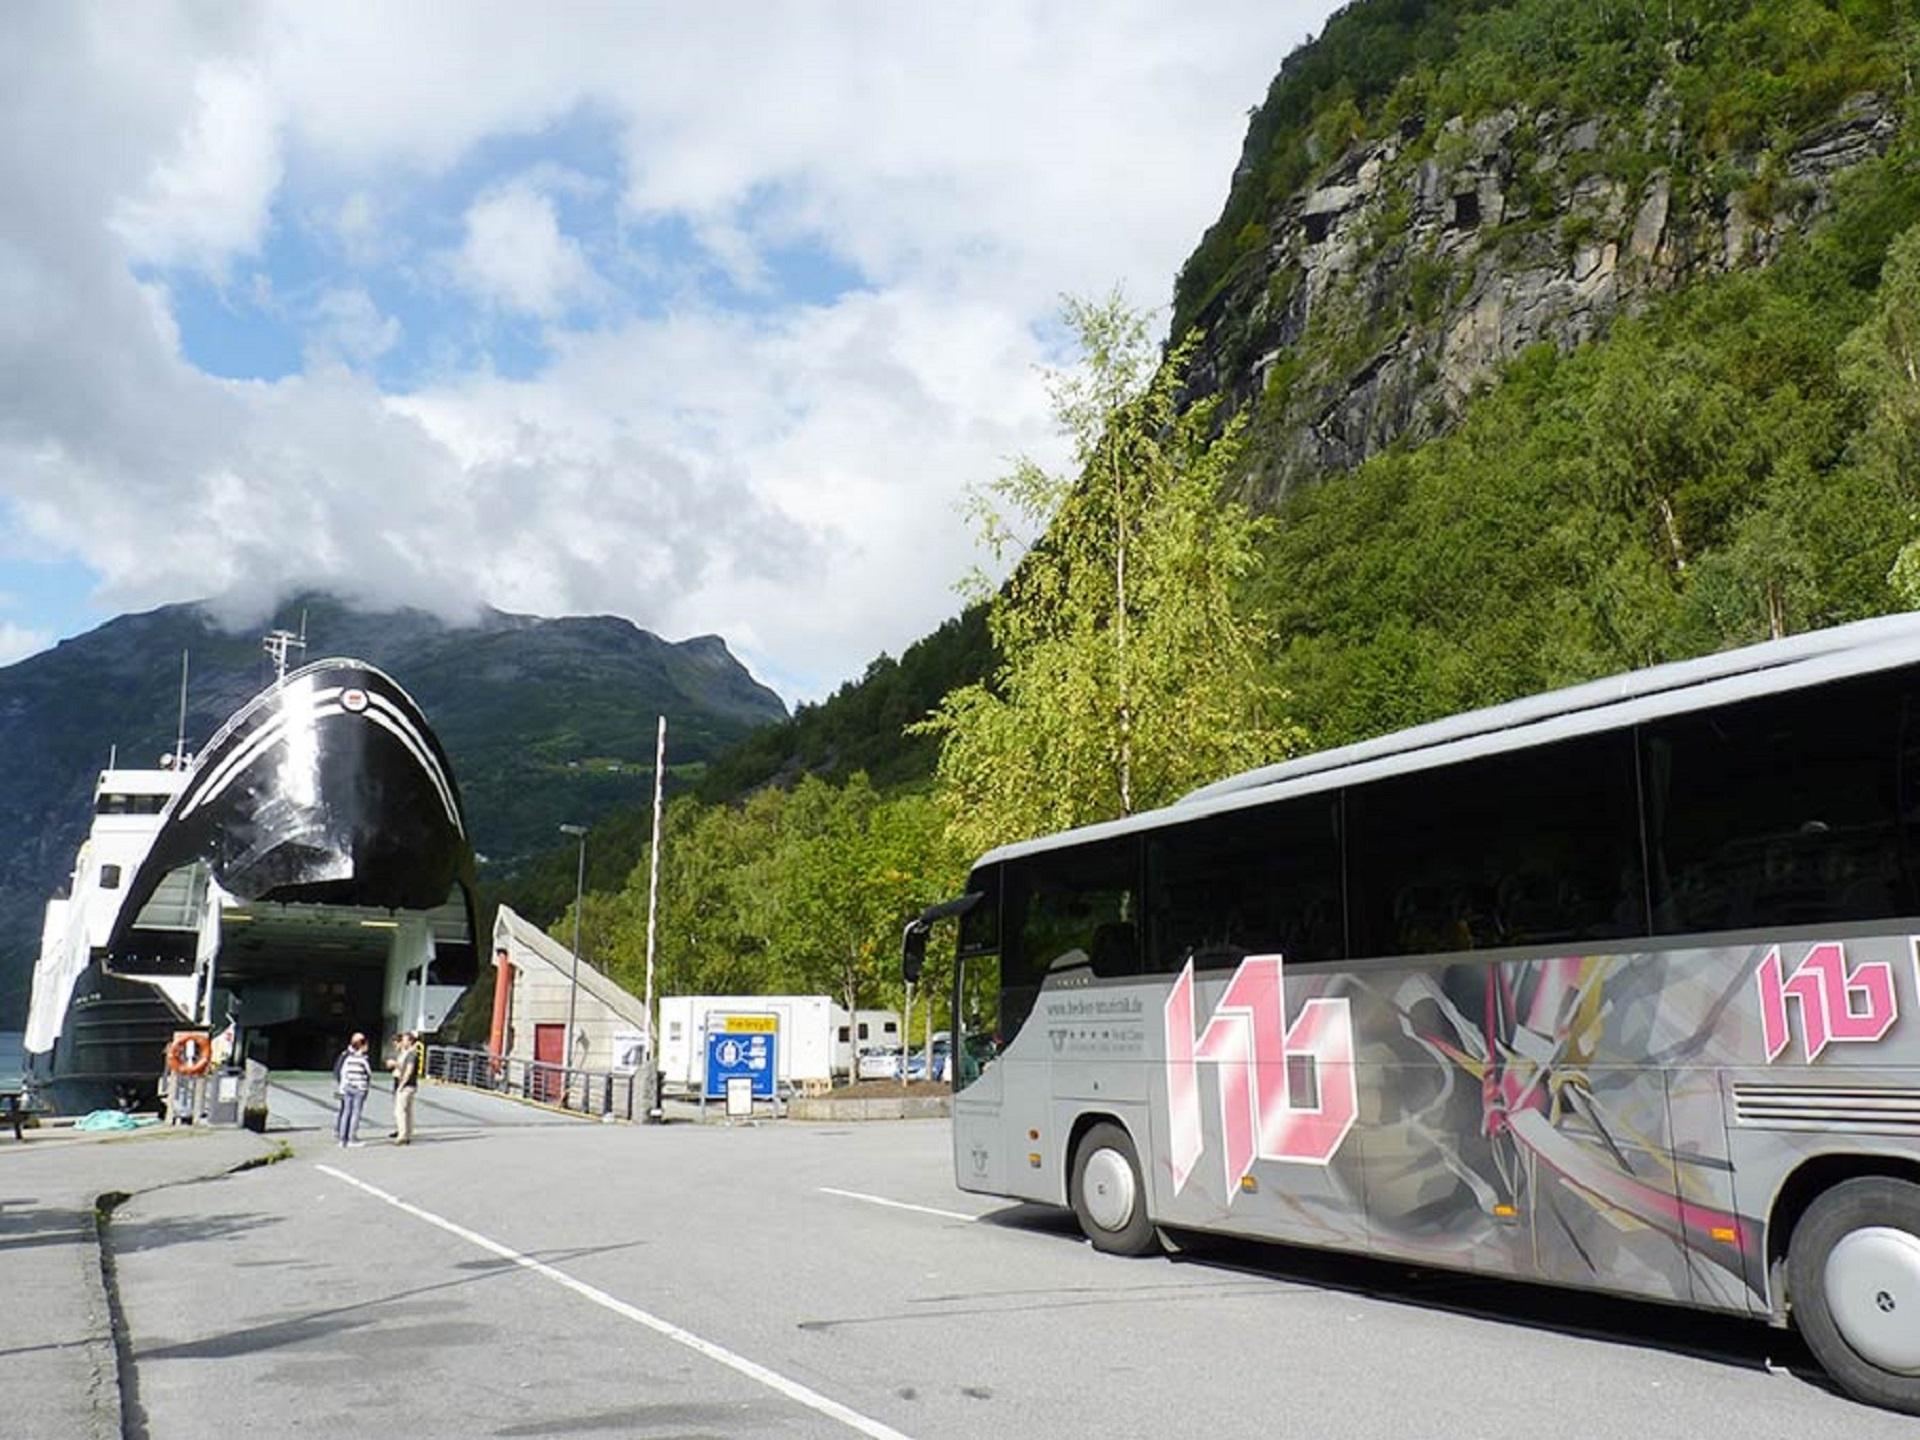 Foto de horst becker touristik GmbH & Co. KG